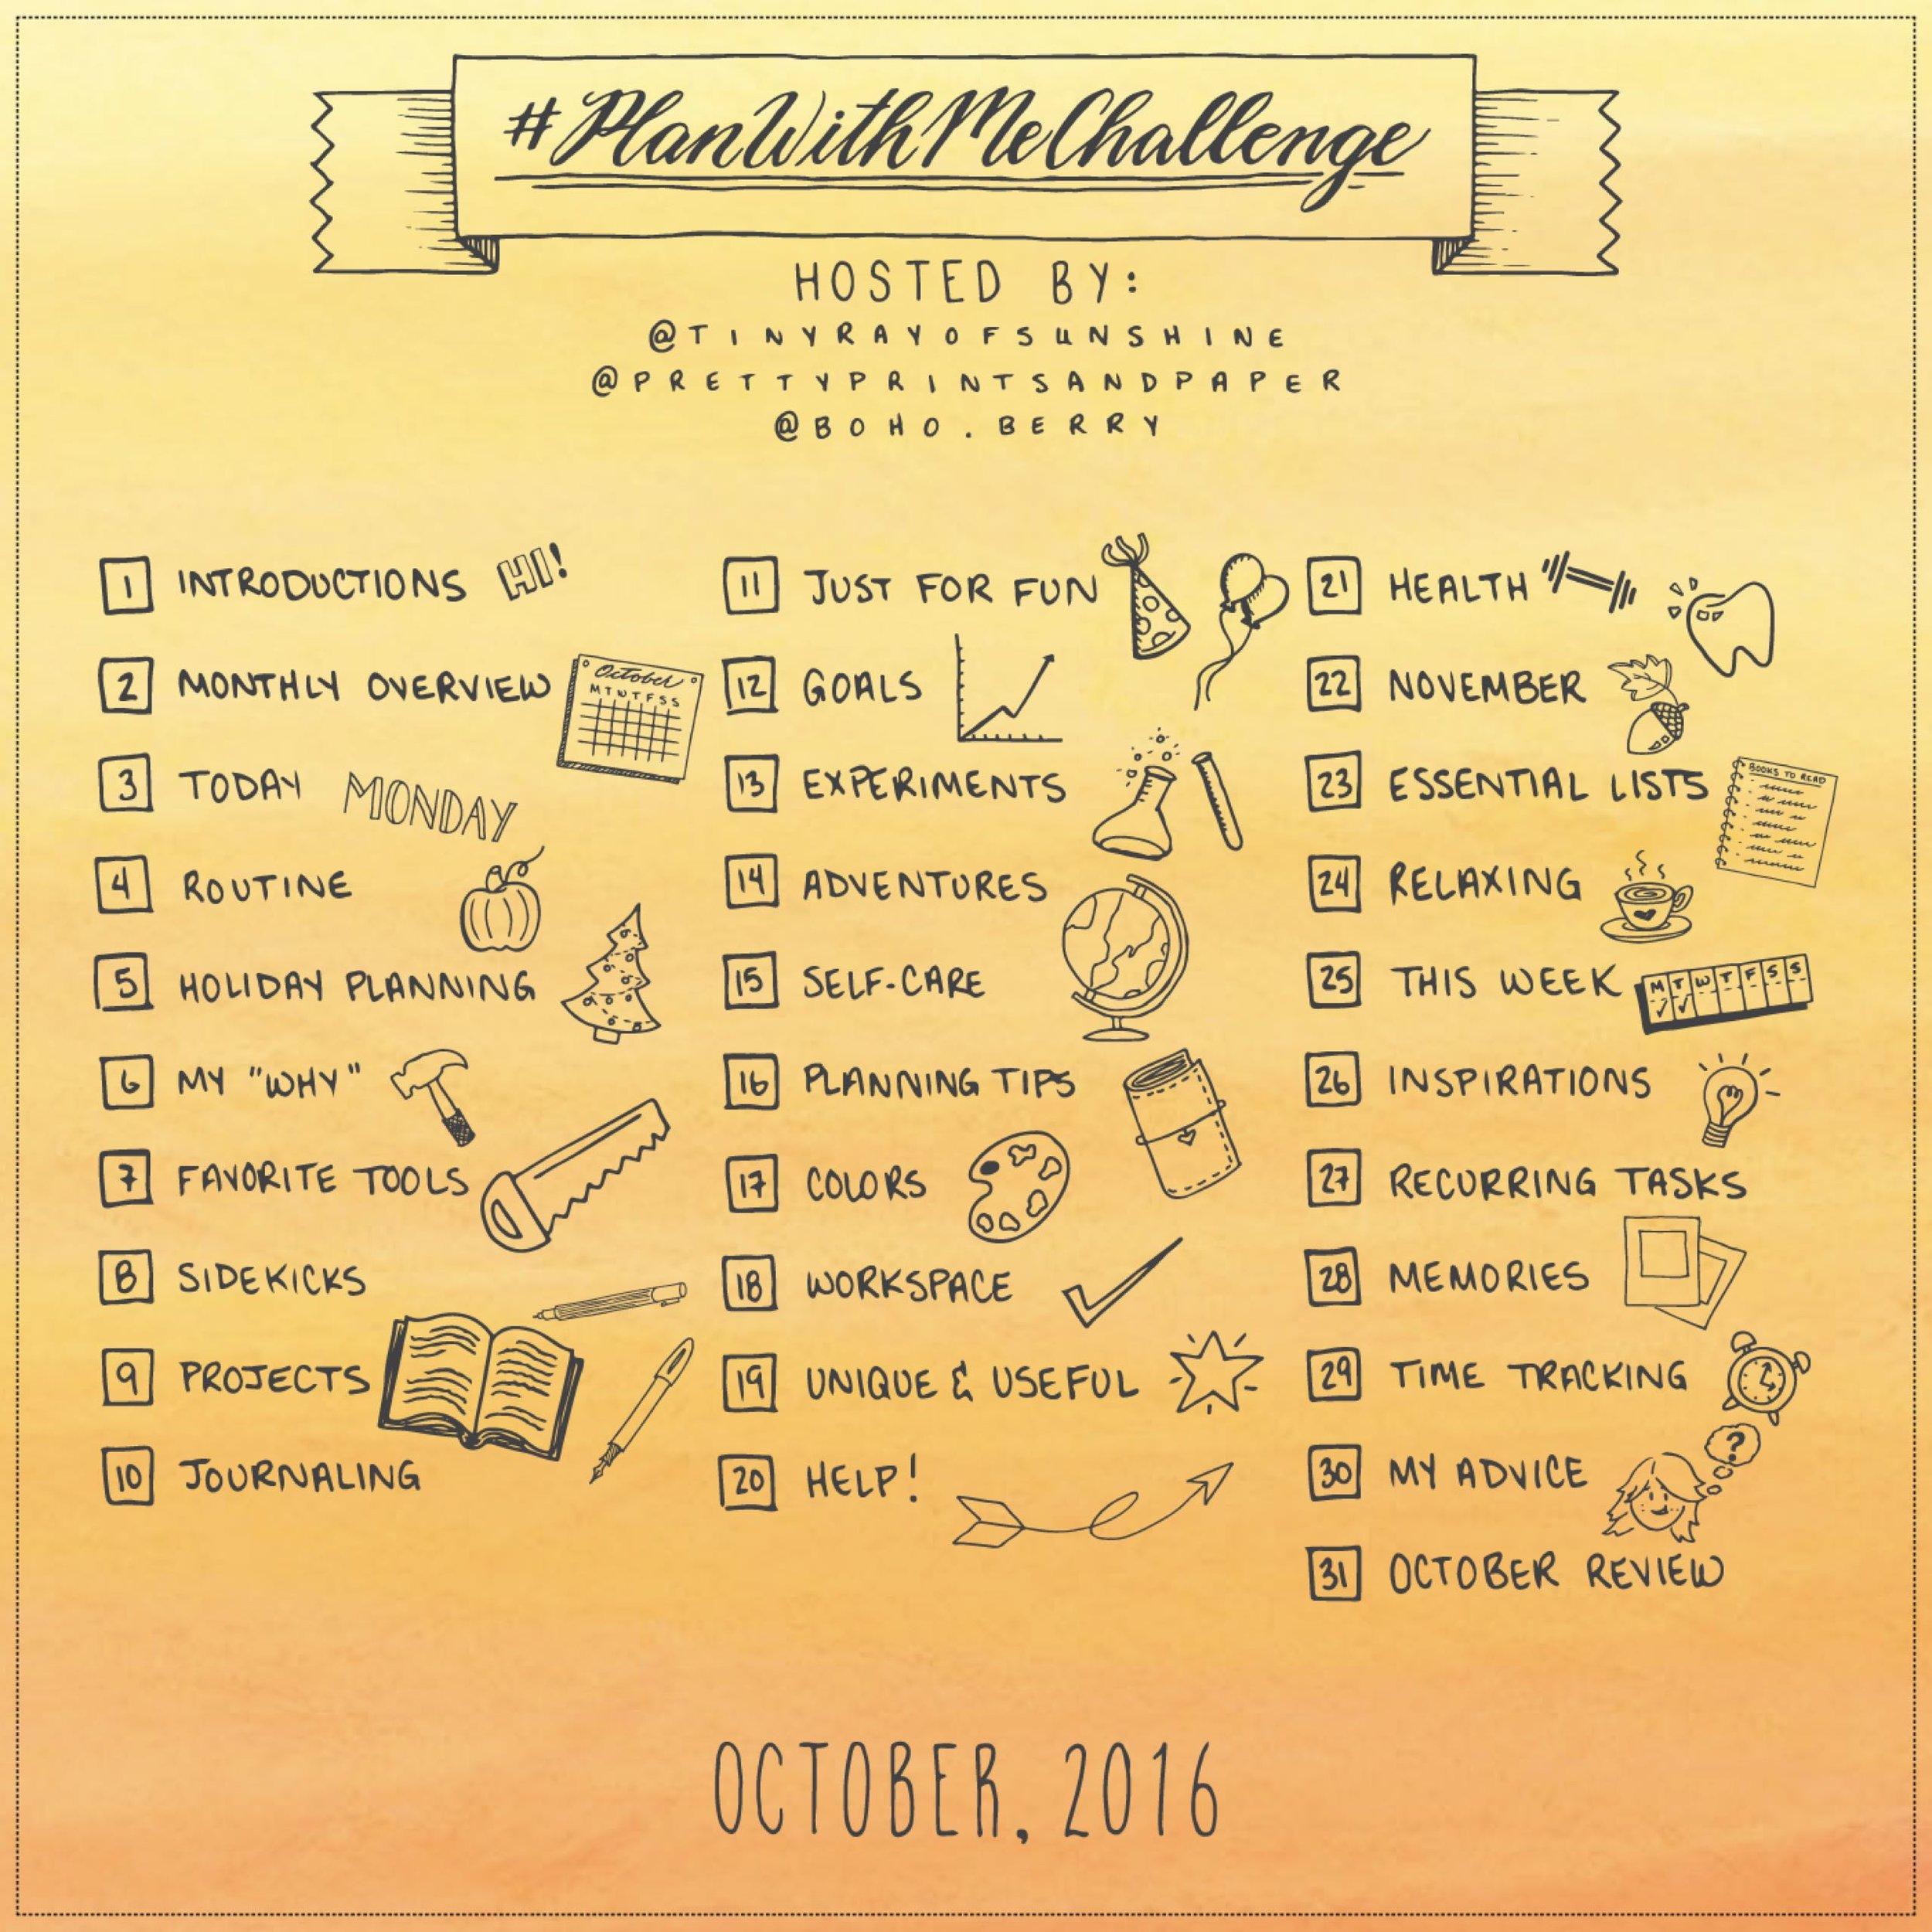 #PlanWithMeChallenge October